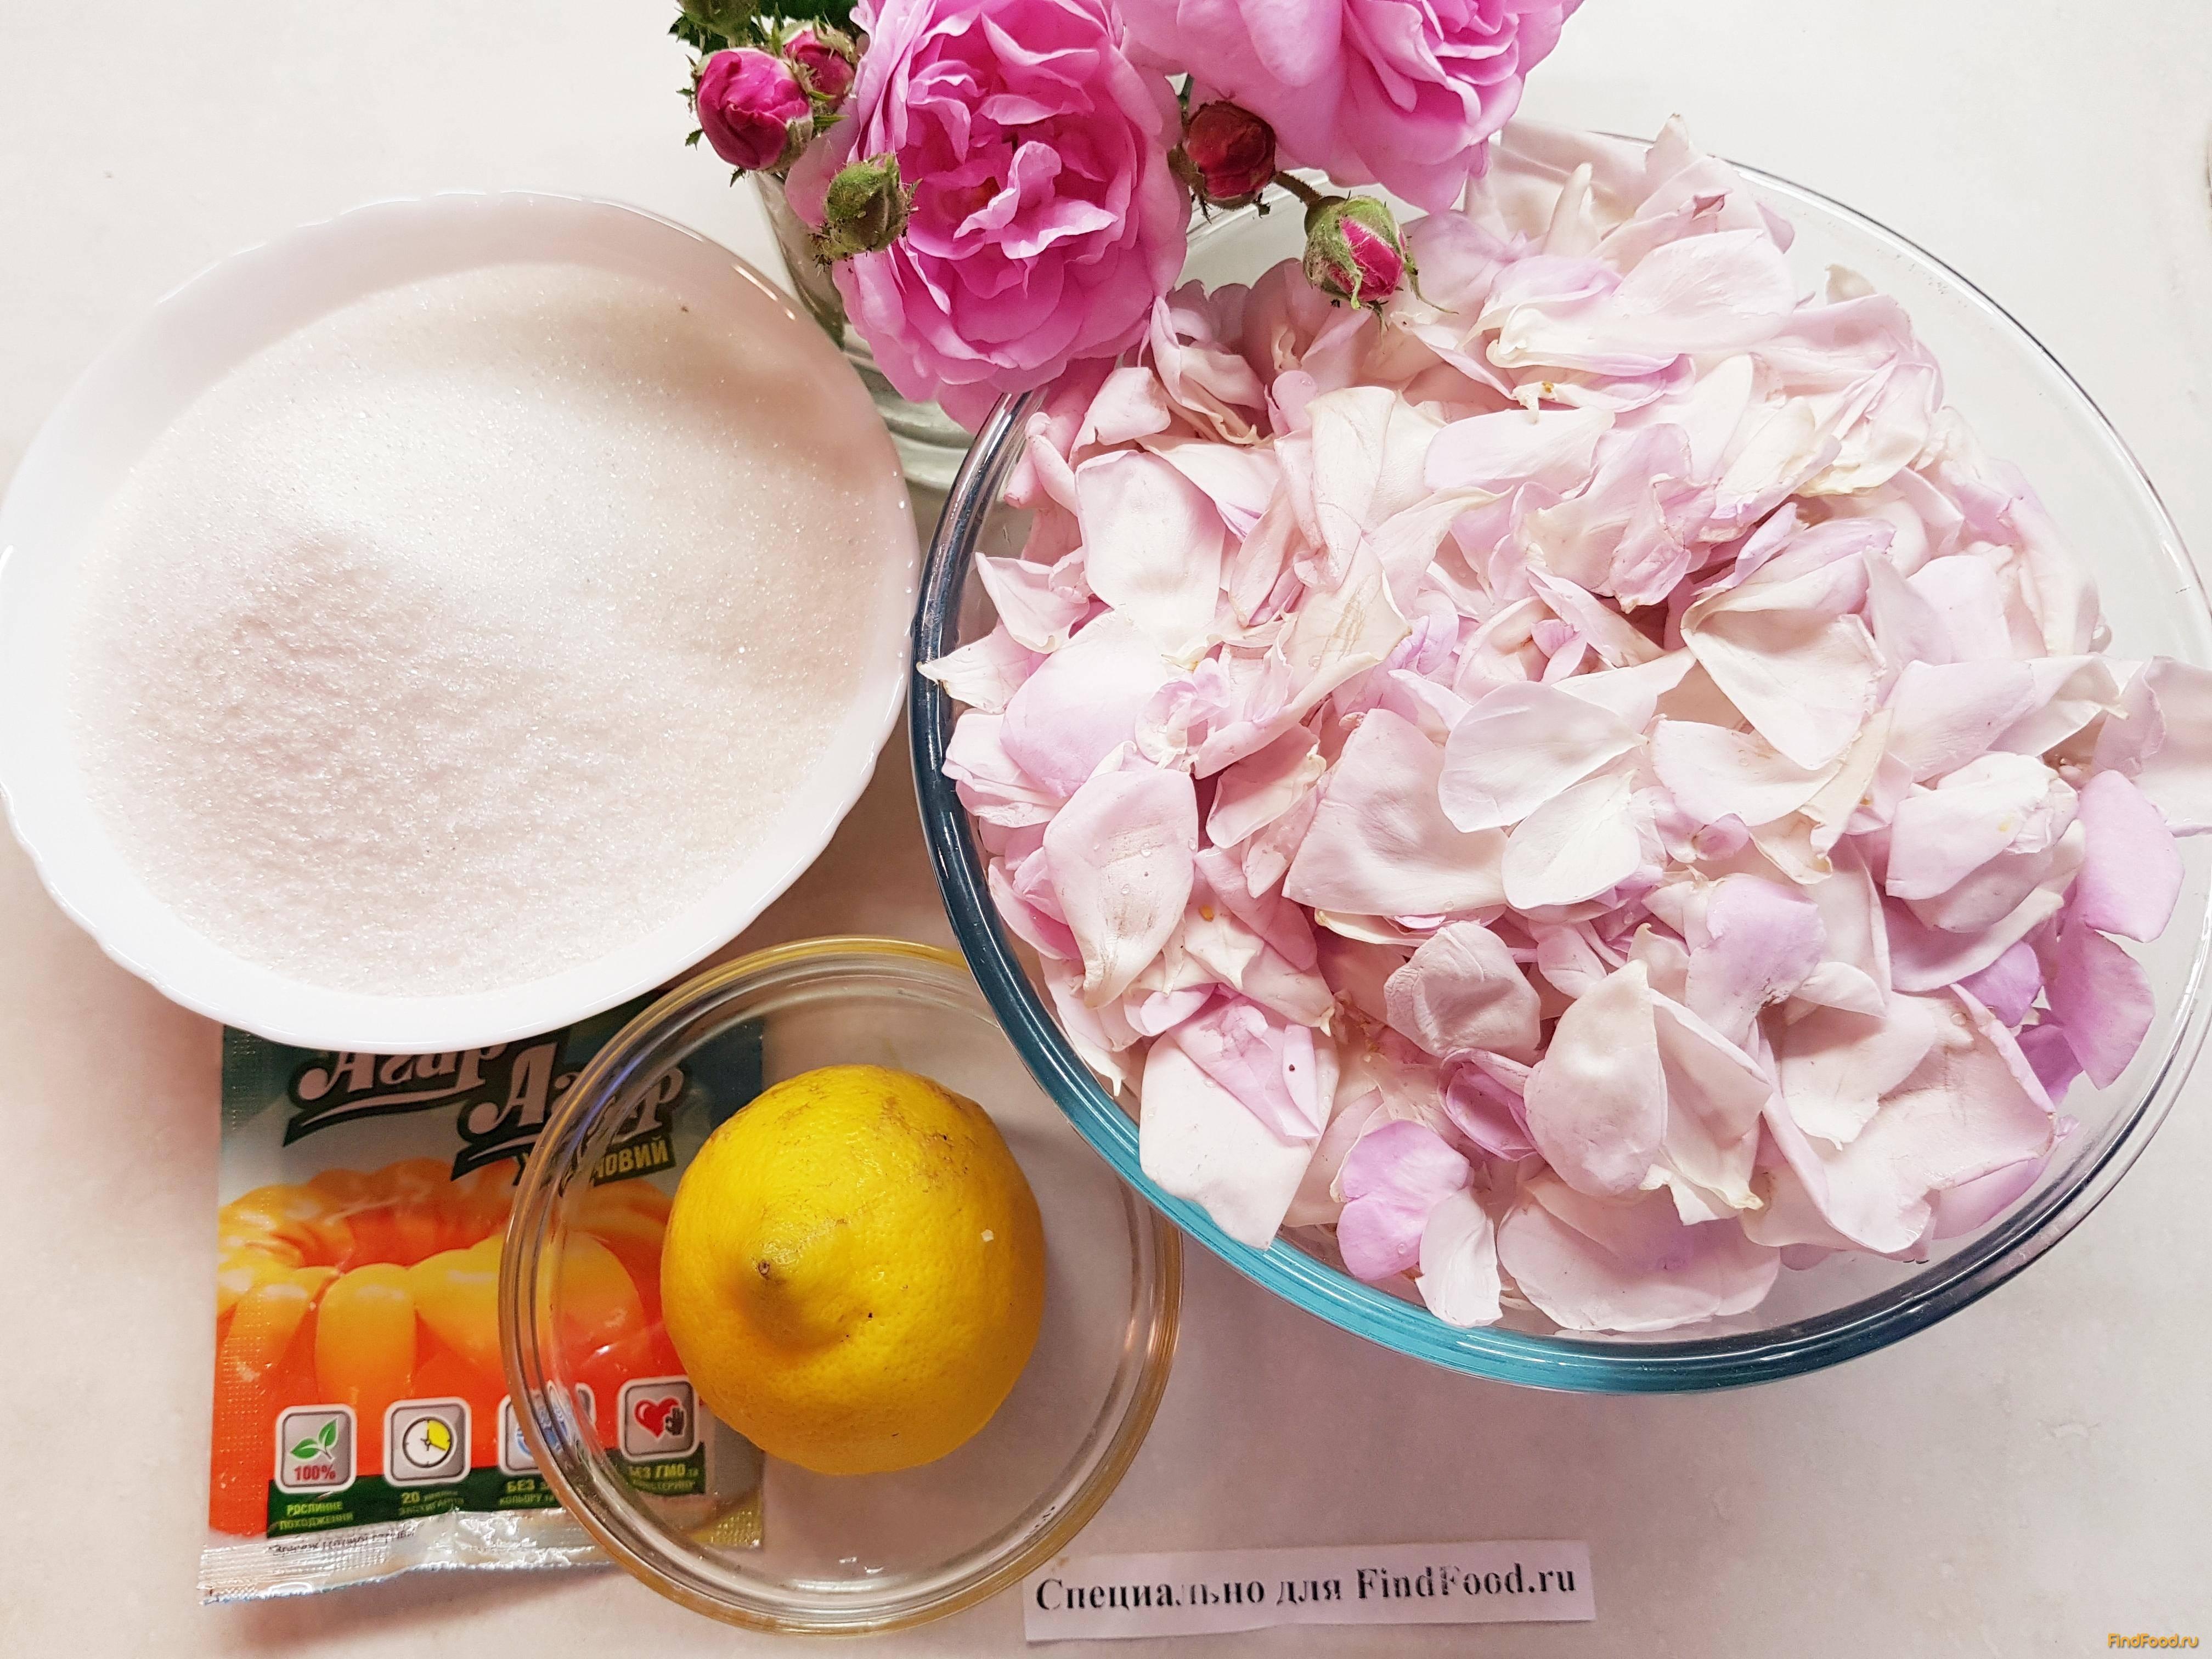 Какая роза подходит для варенья: сорта, их польза и вред. варенье из лепестков розы в домашних условиях — вкусный рецепт розового лакомства от аллы ковальчук